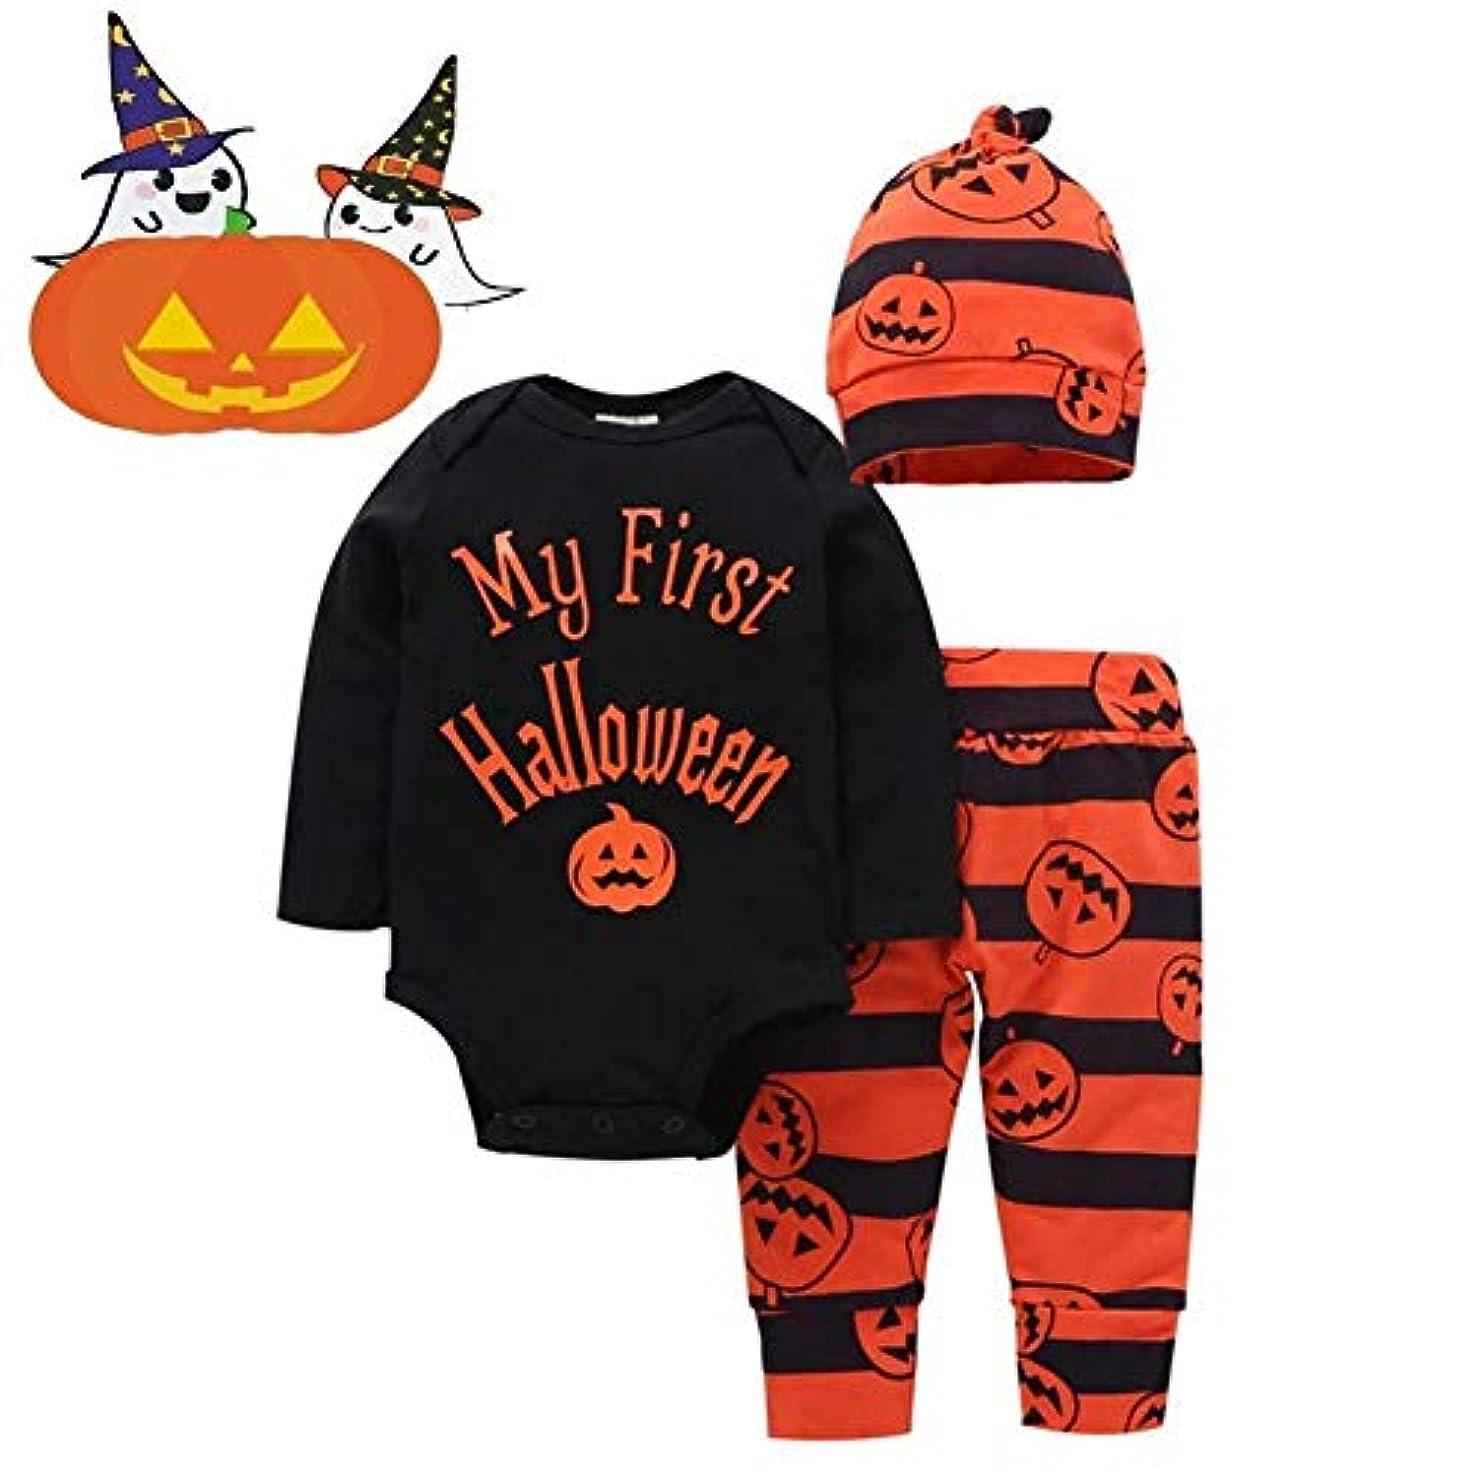 周術期心からベスビオ山Zang Long23 幼児 赤ちゃん ハロウィン かぼちゃ コスチューム 「My 1st Halloween」 ベービー ロンパース ロングパンツ 帽子付き 3PCs ジャンプスーツ (80)